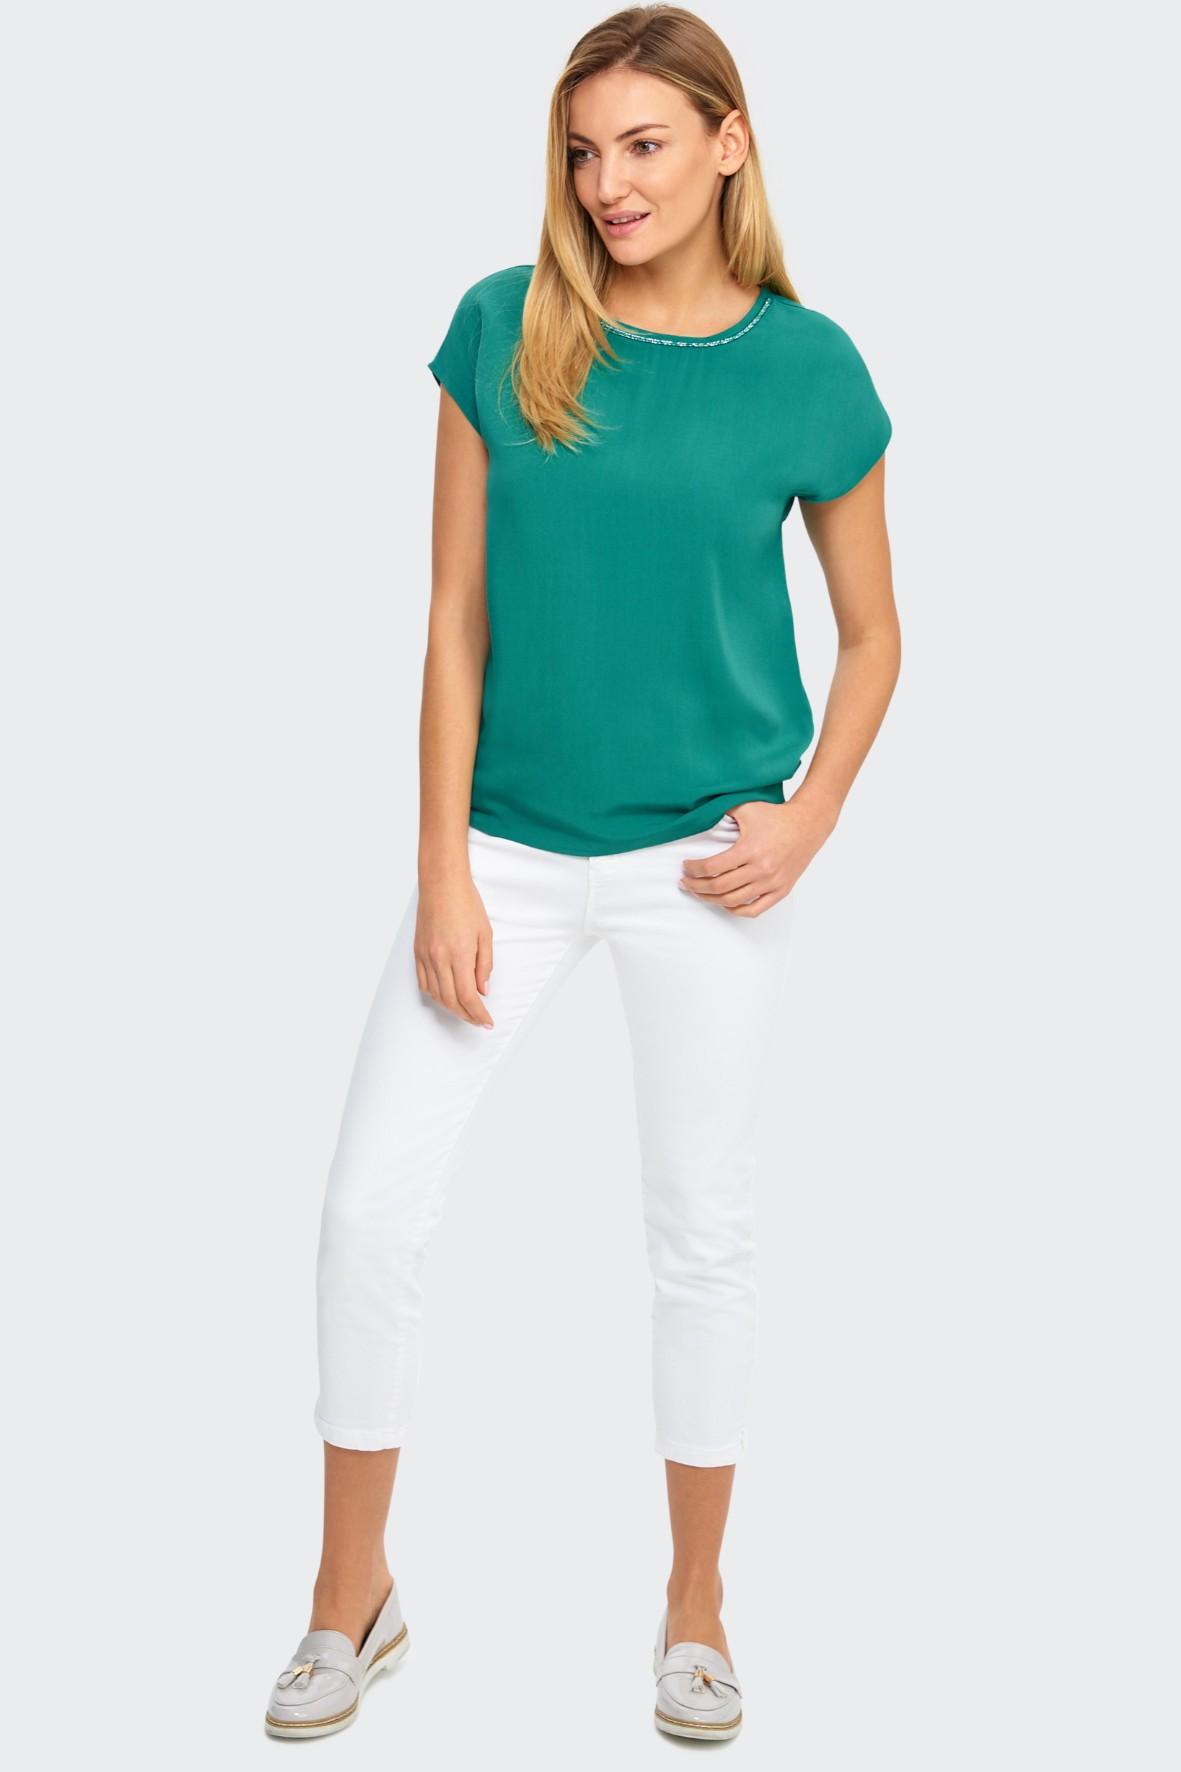 Bluzka damska zielona z ozdobną taśmą